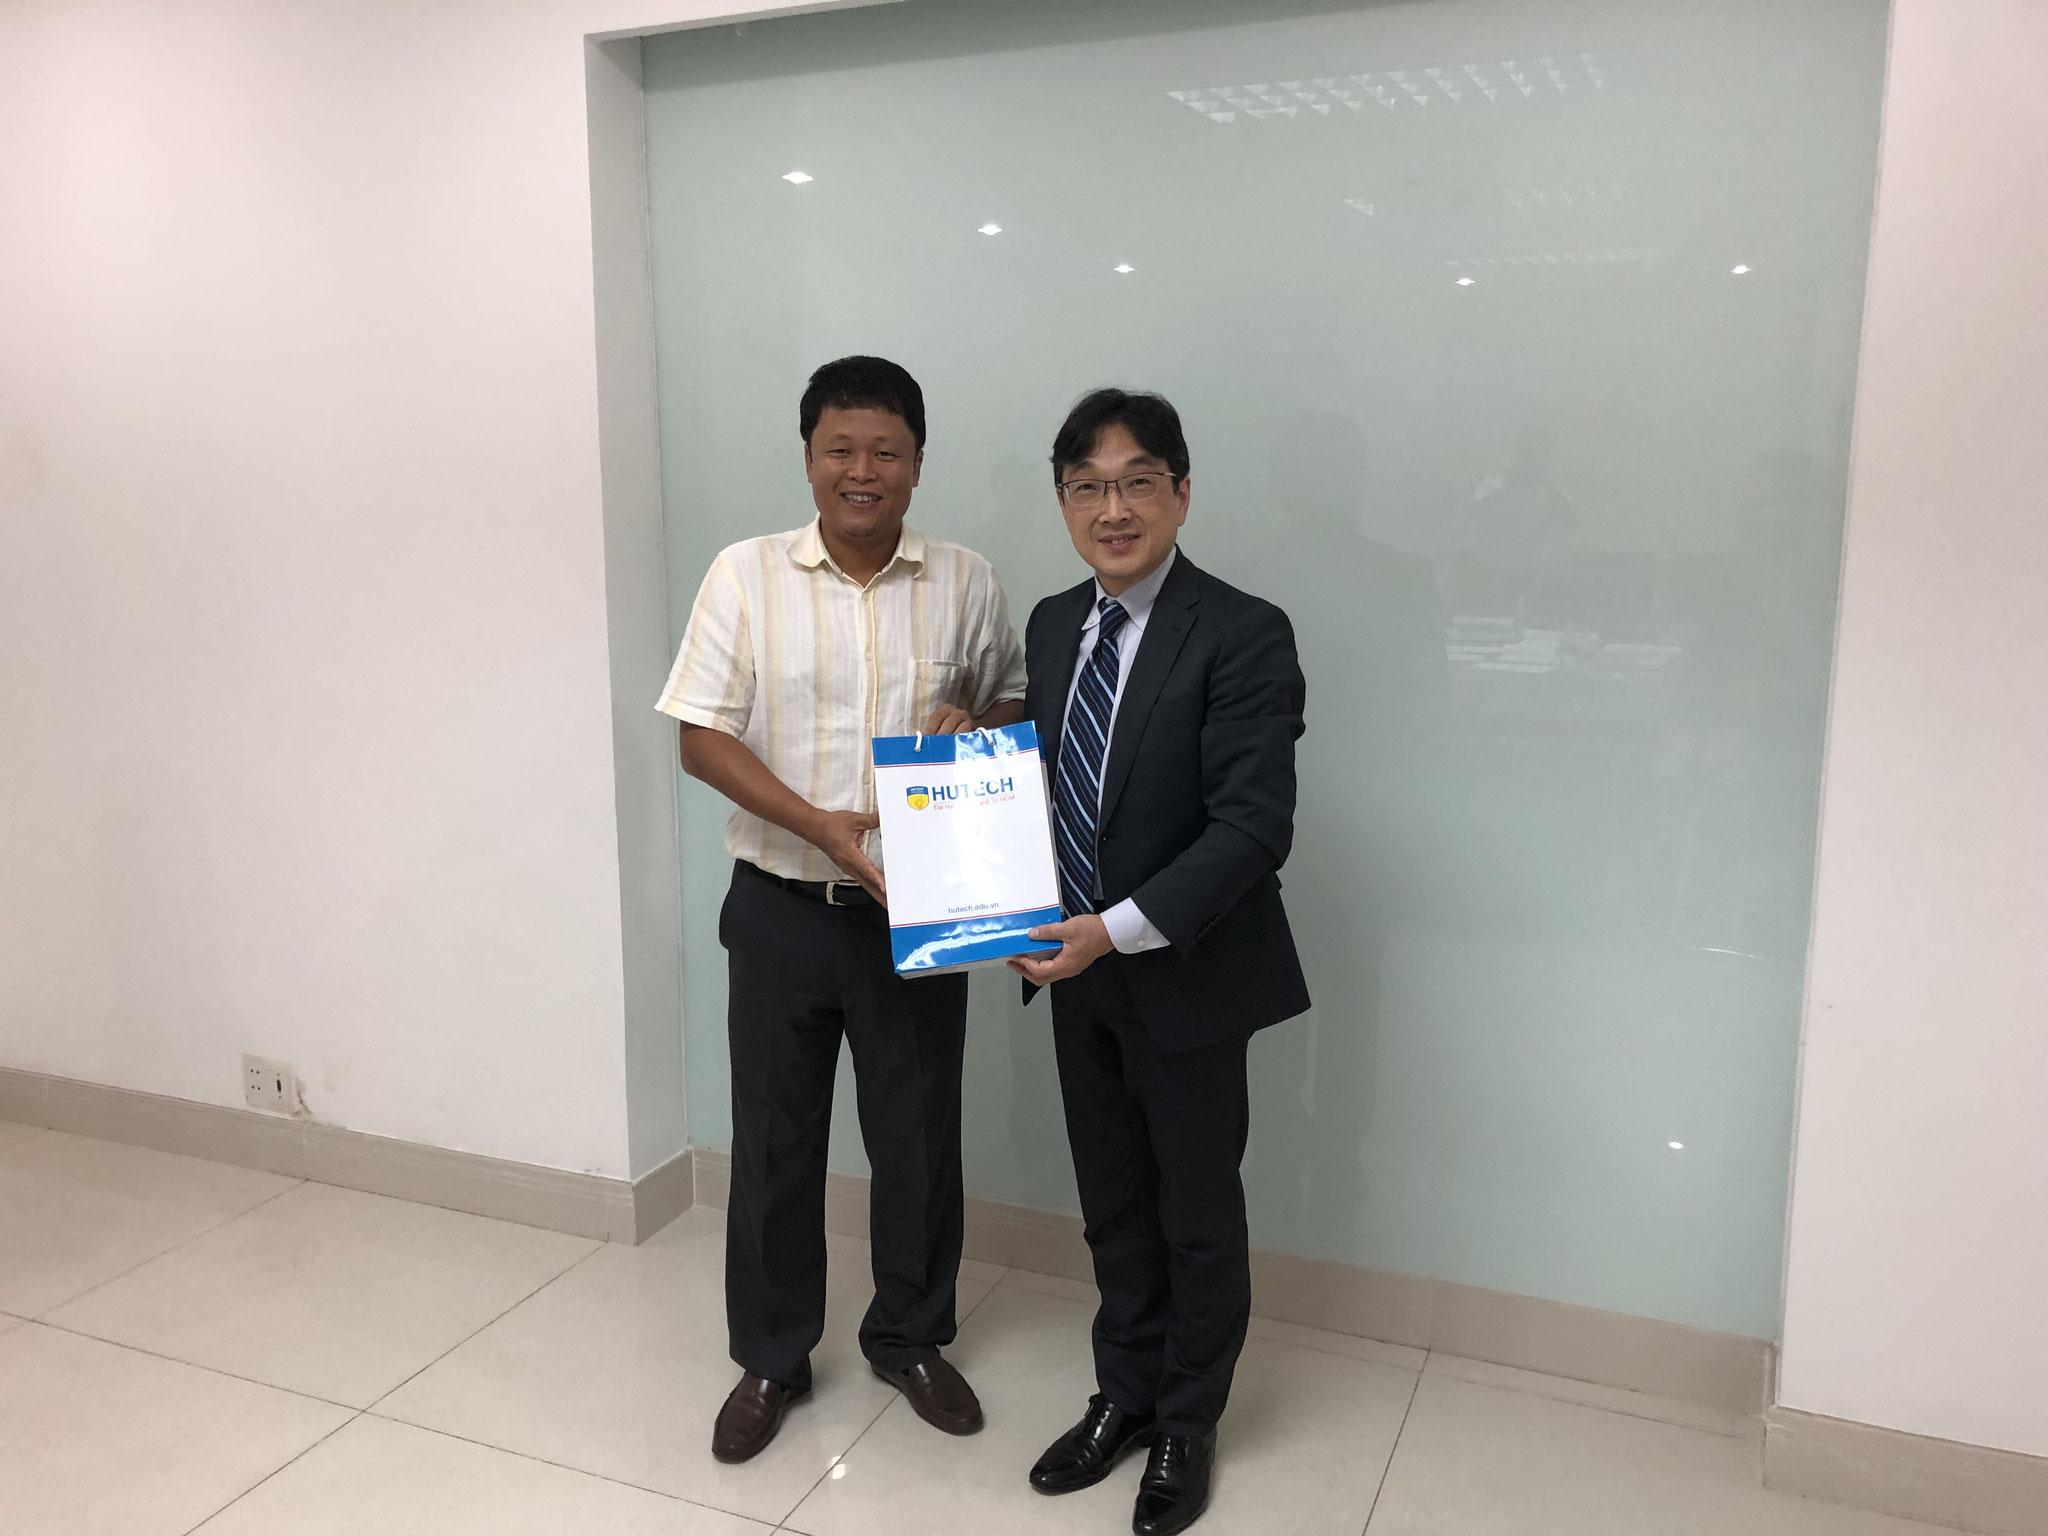 HUTECH工業大学の理事長 Dr. KIEU XUAN HUNG